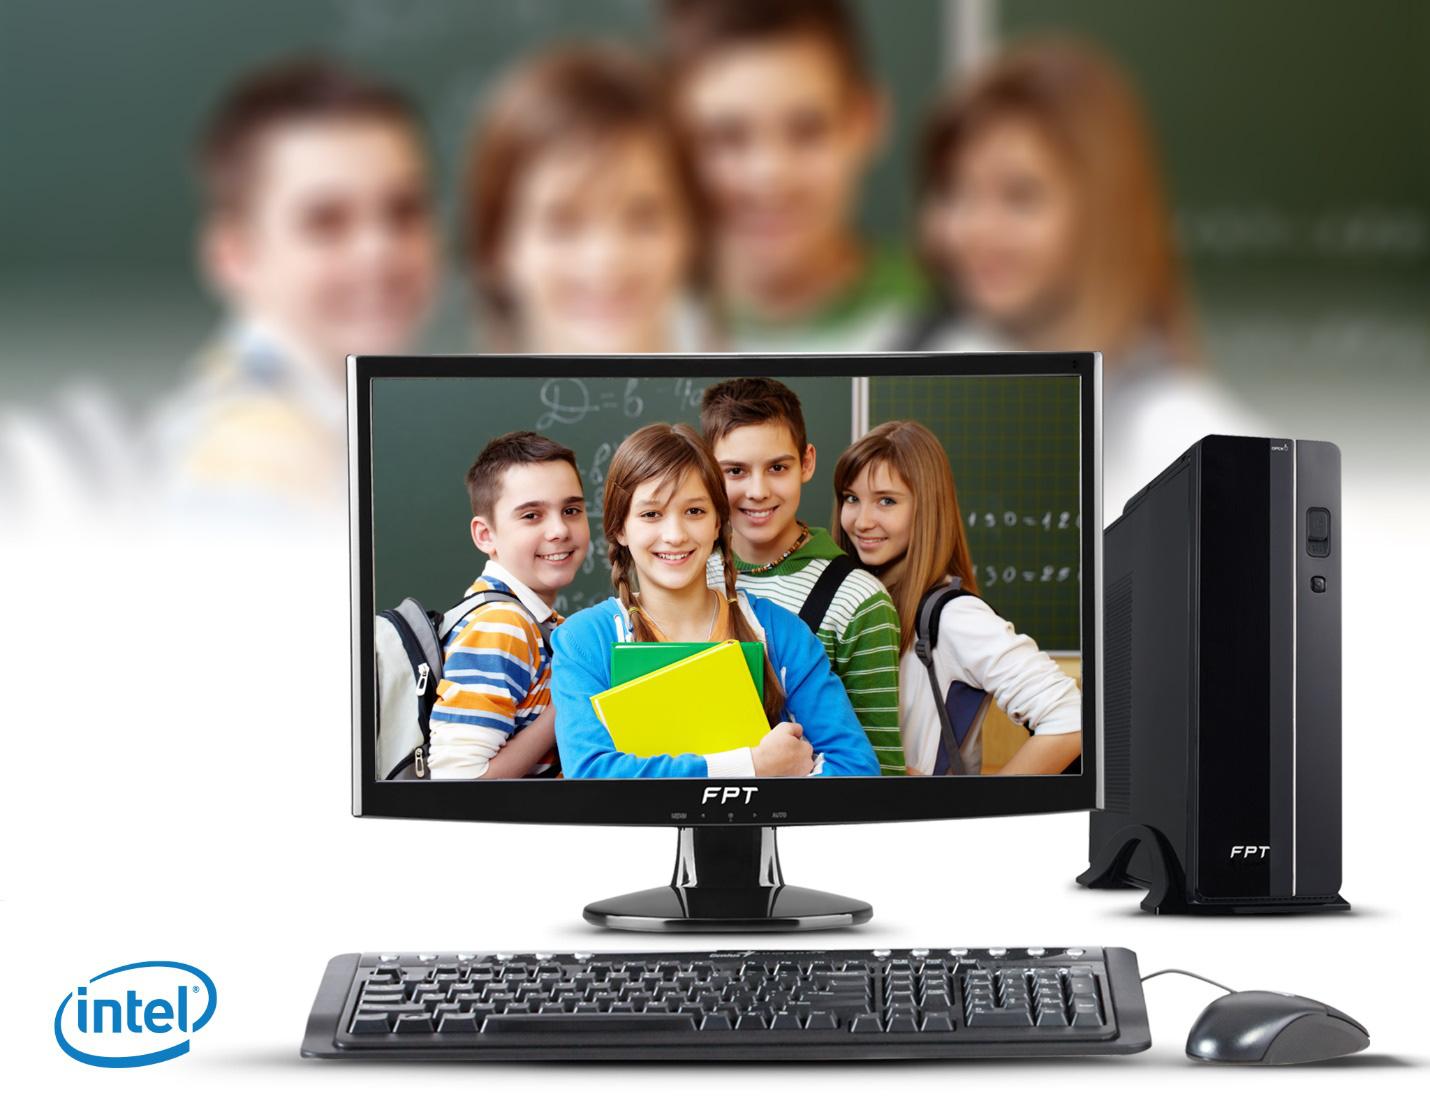 Top 5 máy tính FPT Elead chip Intel hút hàng trong mùa tựu trường - Ảnh 3.